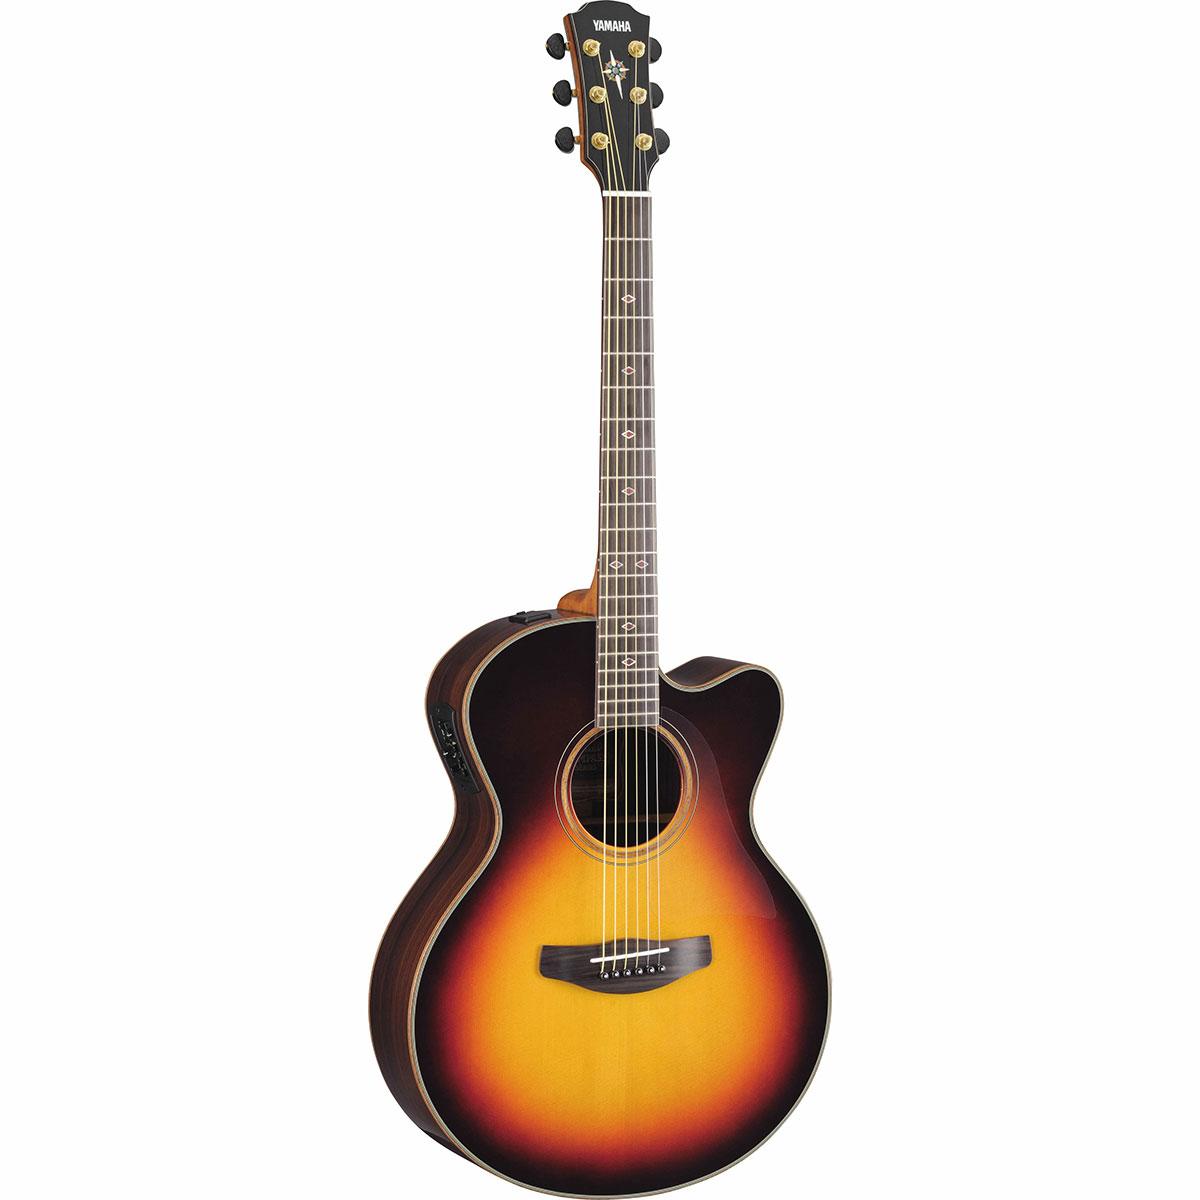 YAMAHA エレアコギター CPX1200II / Vintage Sunburst